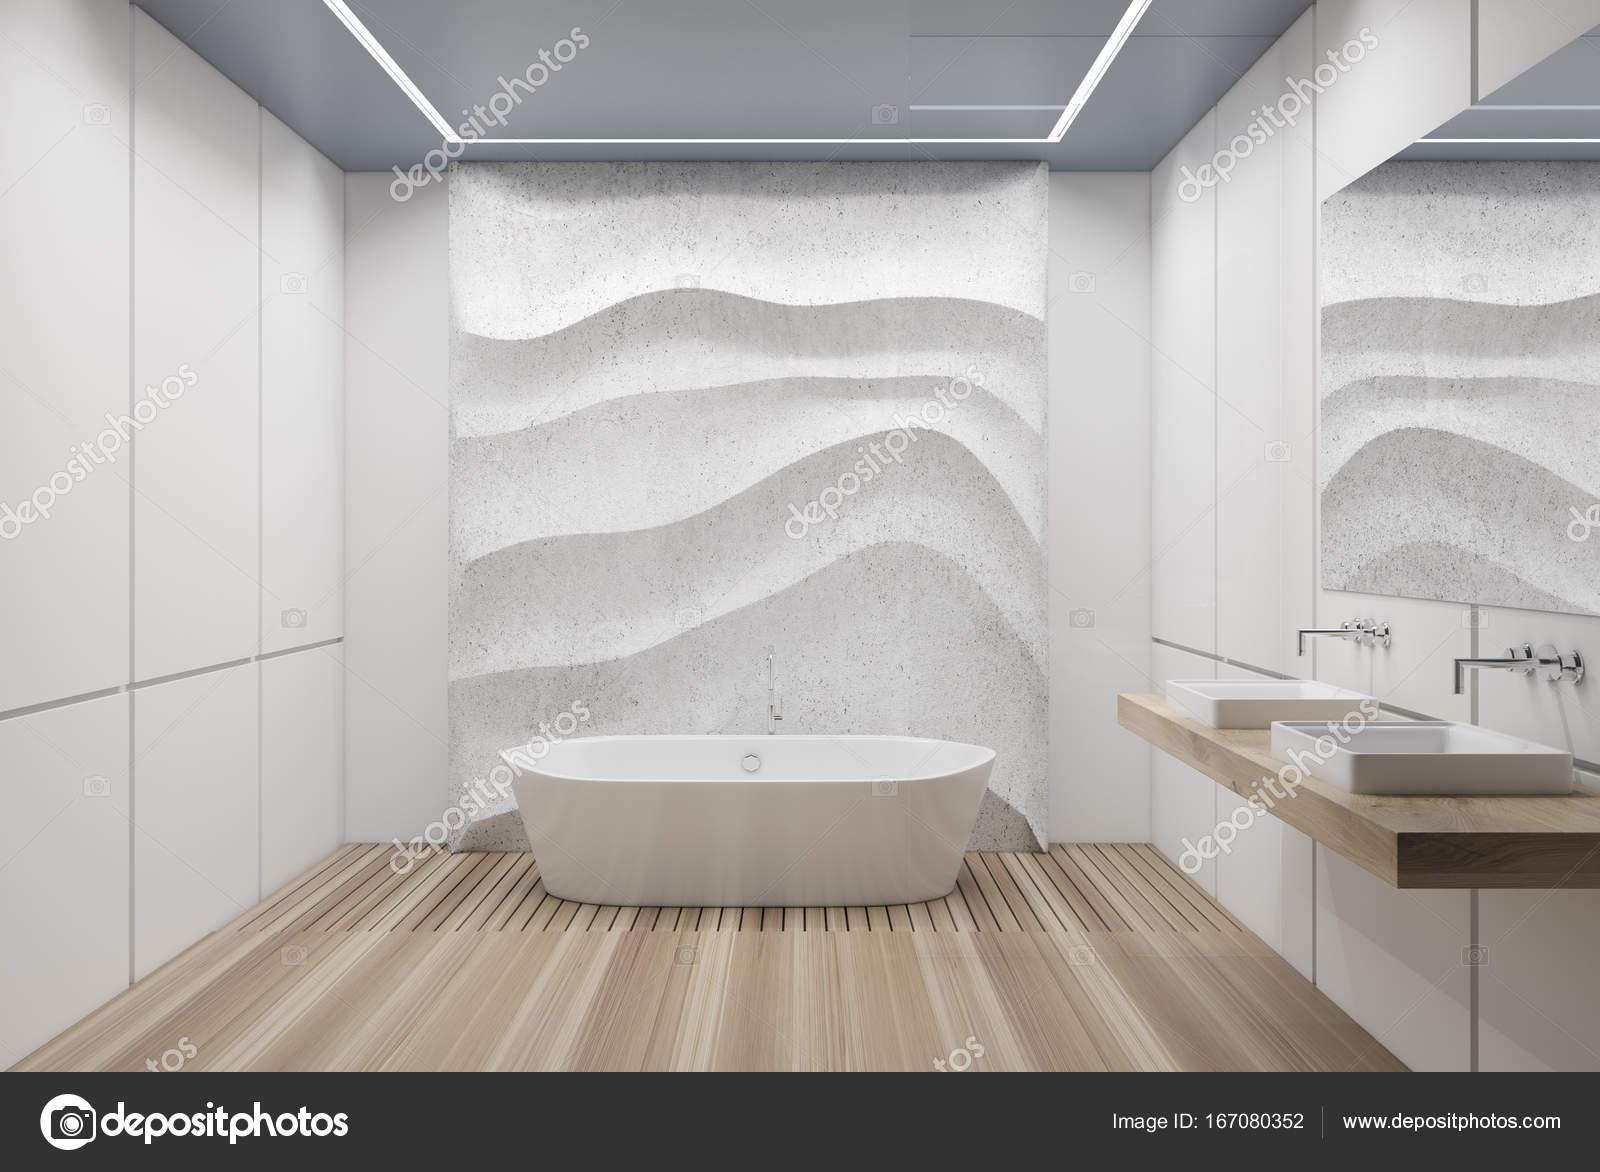 Bagno vasca e lavandino con piastrelle bianche foto stock denisismagilov 167080352 - Piastrelle bianche bagno ...